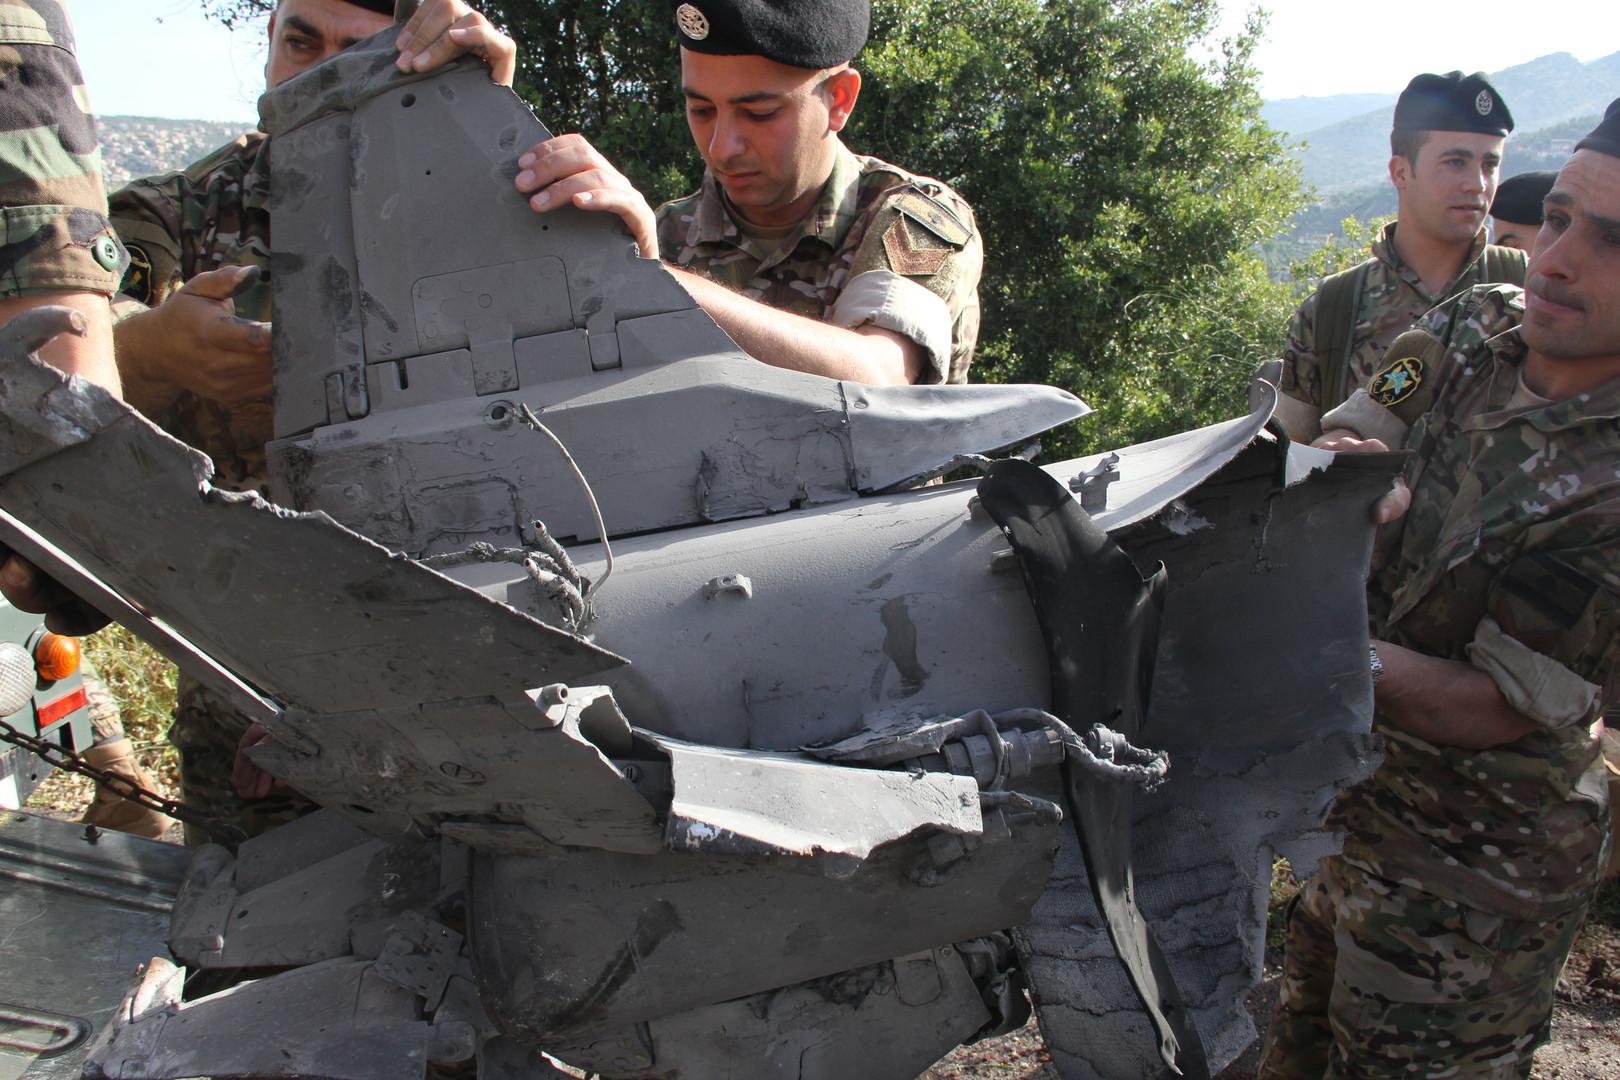 Liban : des fragments de missiles retrouvés après les tirs dans le Golan occupé et en Syrie